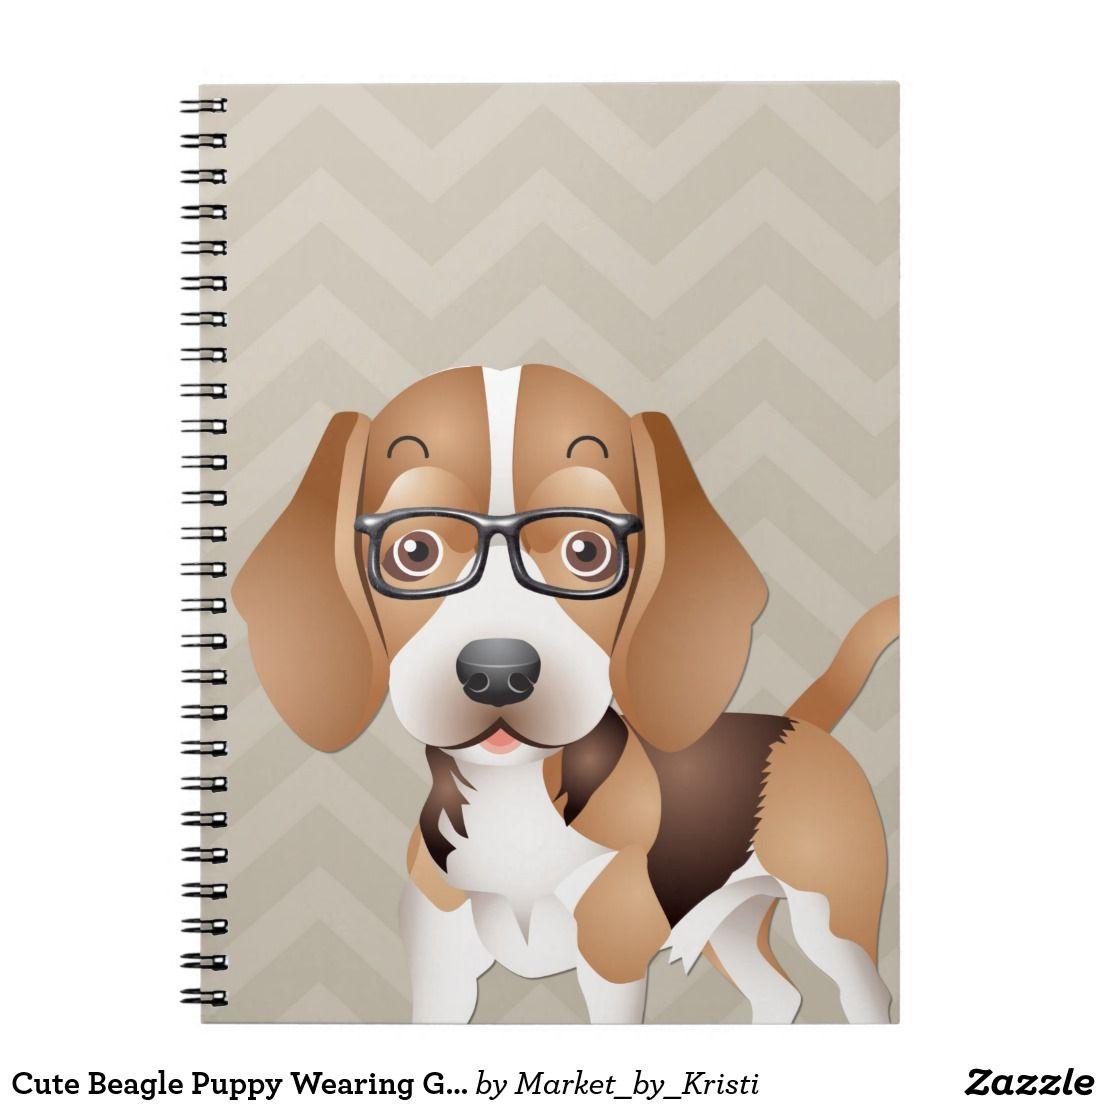 Cute Beagle Puppy Wearing Glasses Notebook Zazzle Com Cute